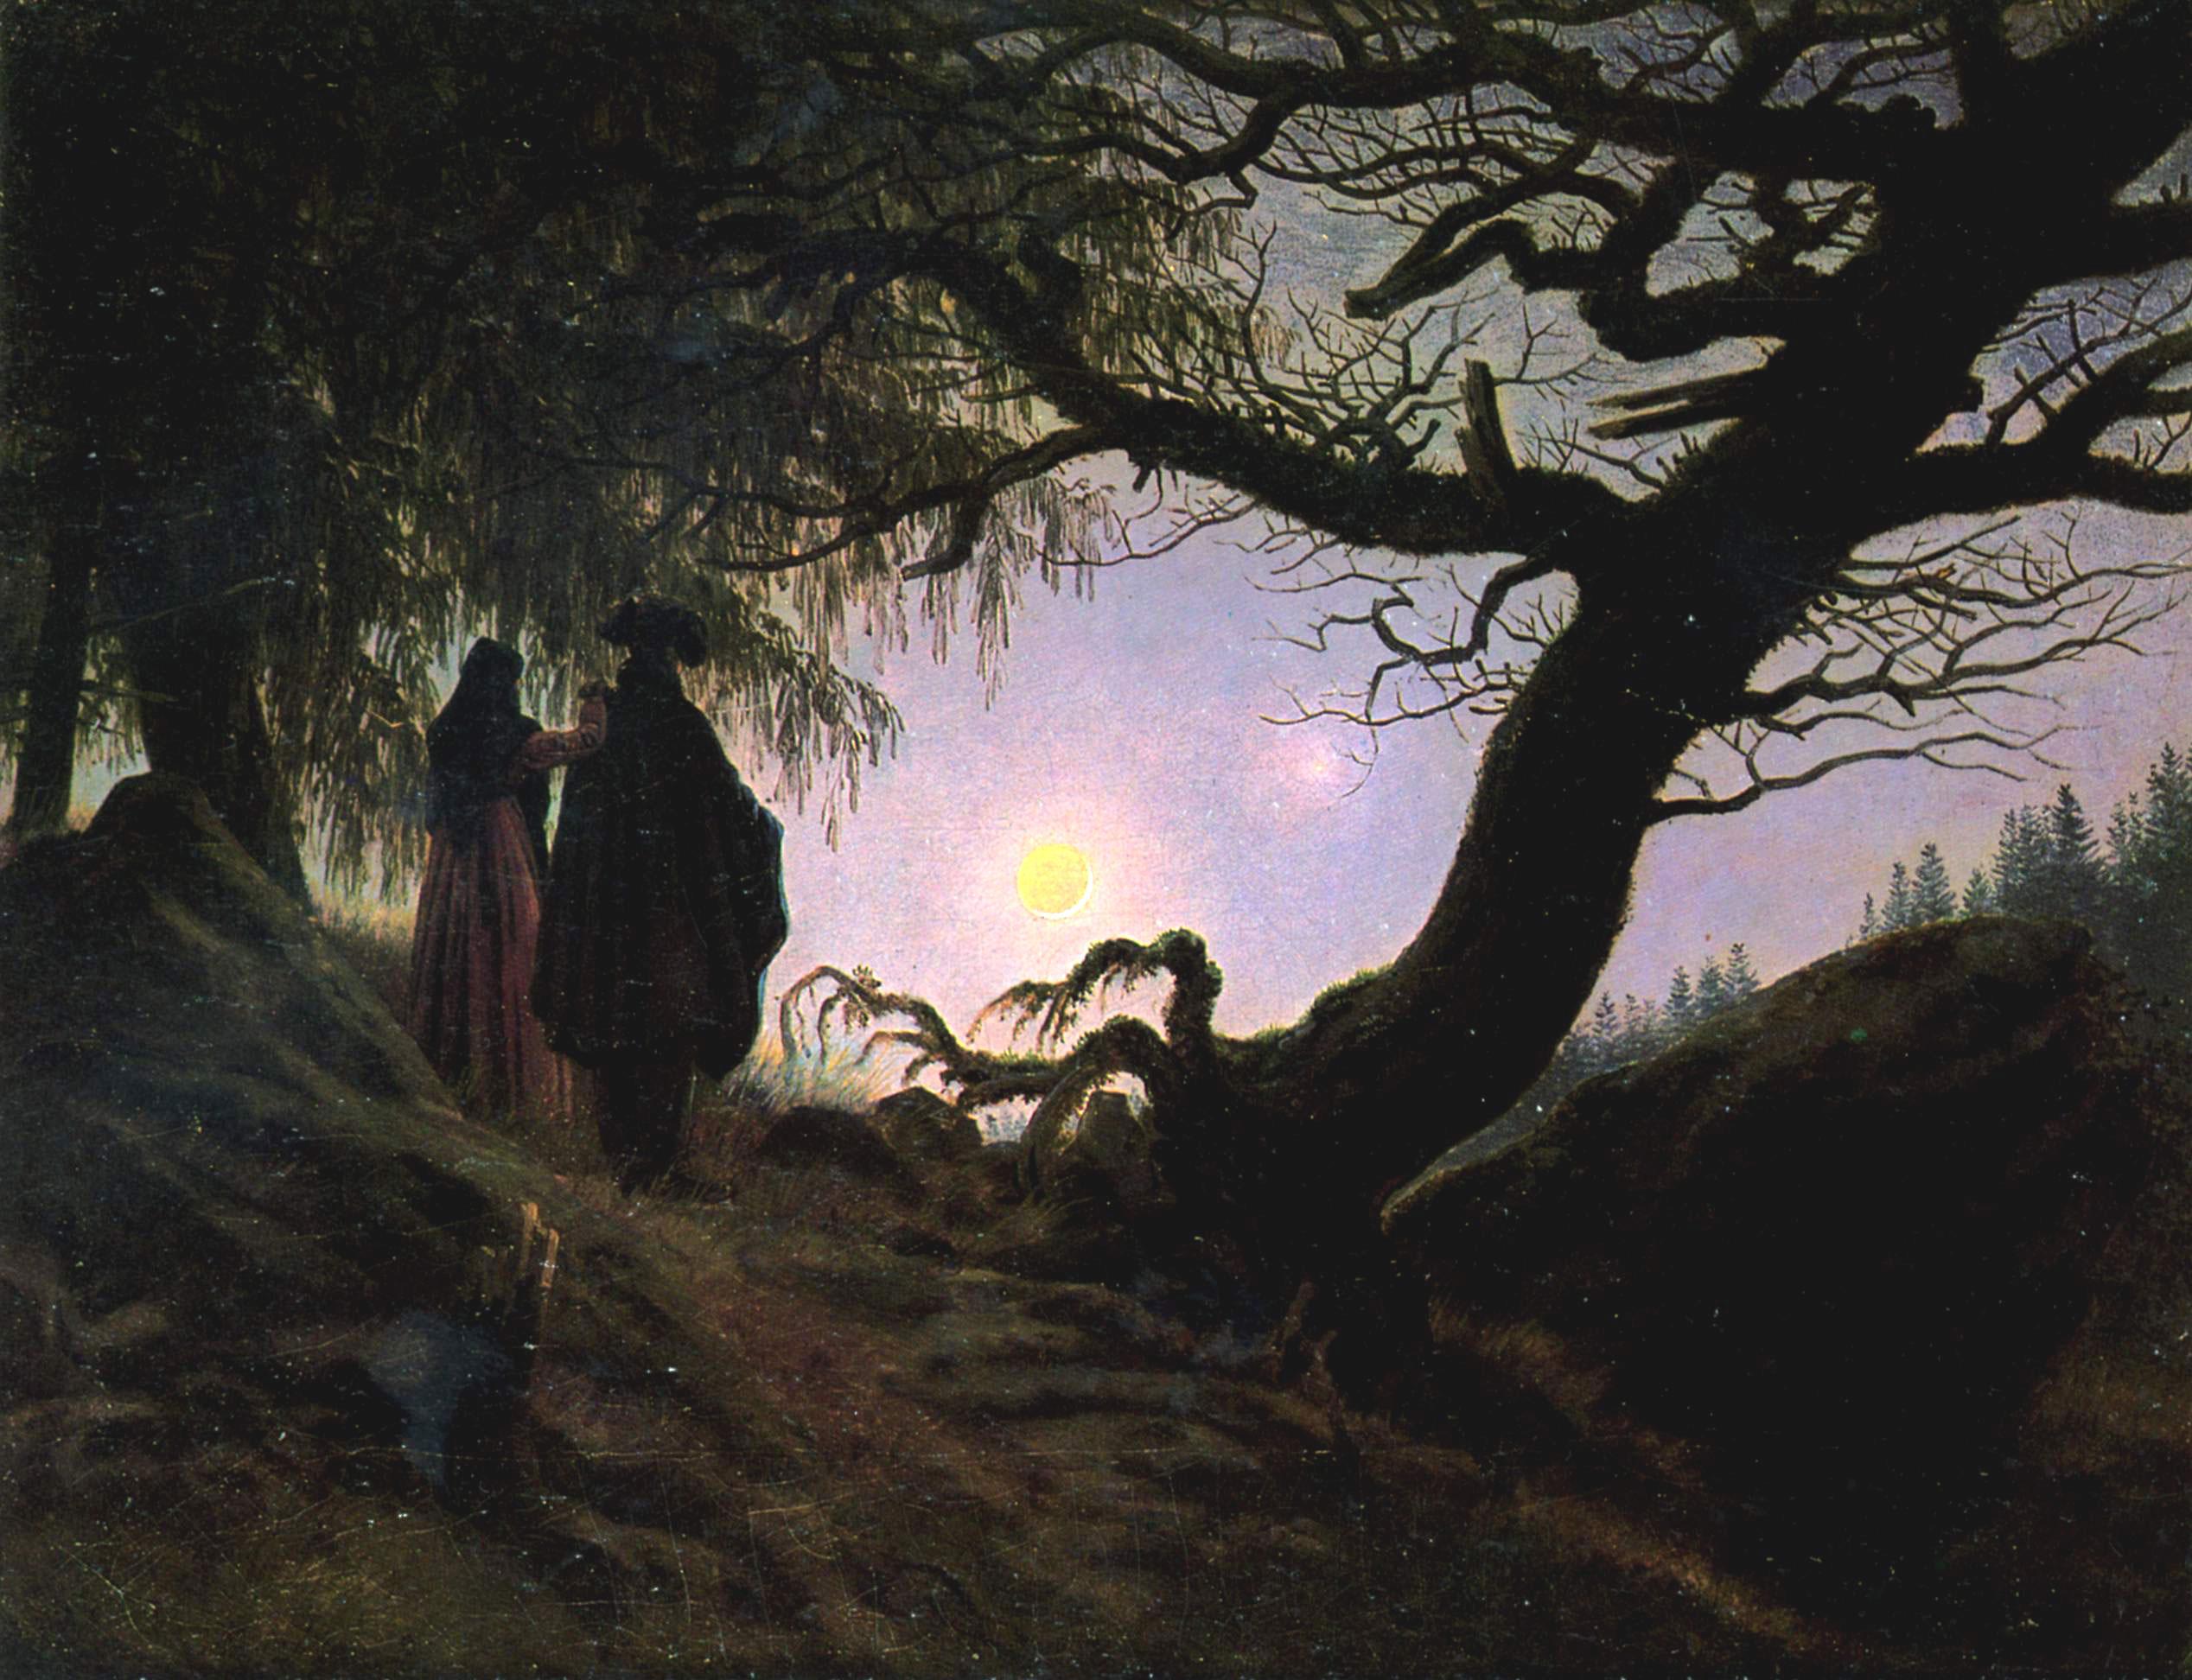 Il fascino della luna piena in questo quadro di Caspar David Friedrch